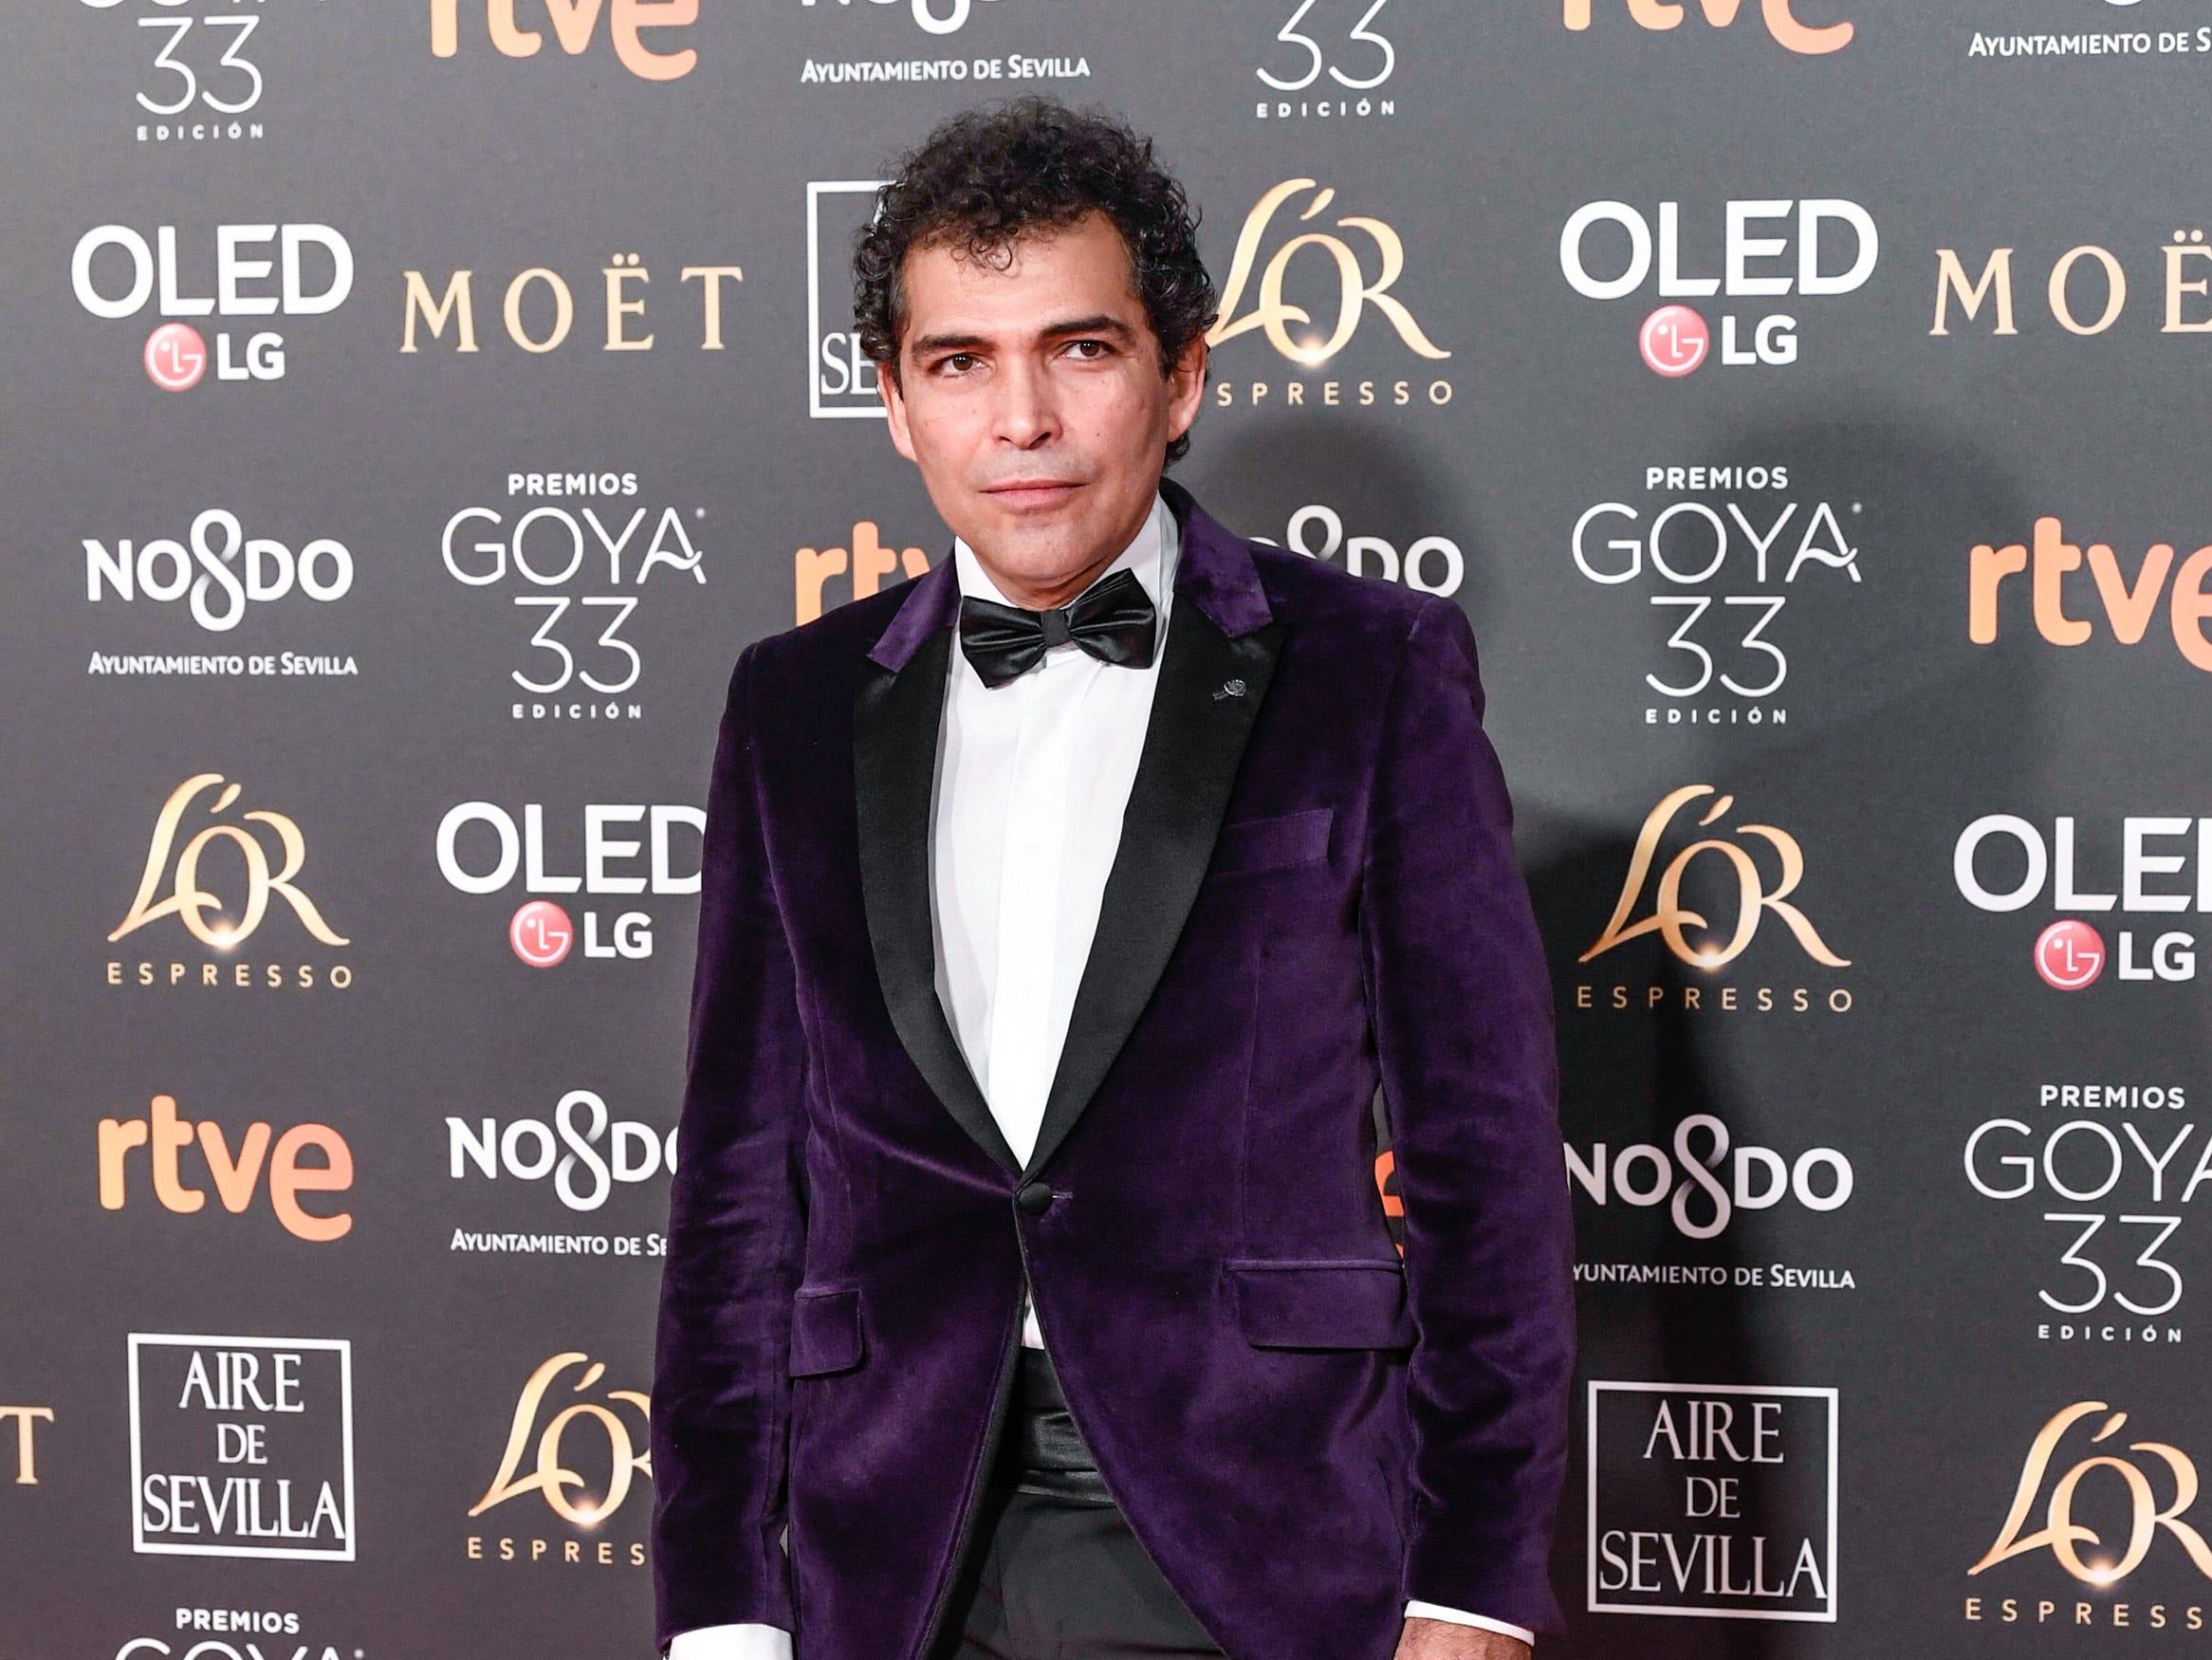 Vladimir Cruz asiste a la 33ª edición de los Premios de Cine Goya en el Palacio de Congresos y Exposiciones FIBES el 2 de febrero de 2019 en Sevilla, España.